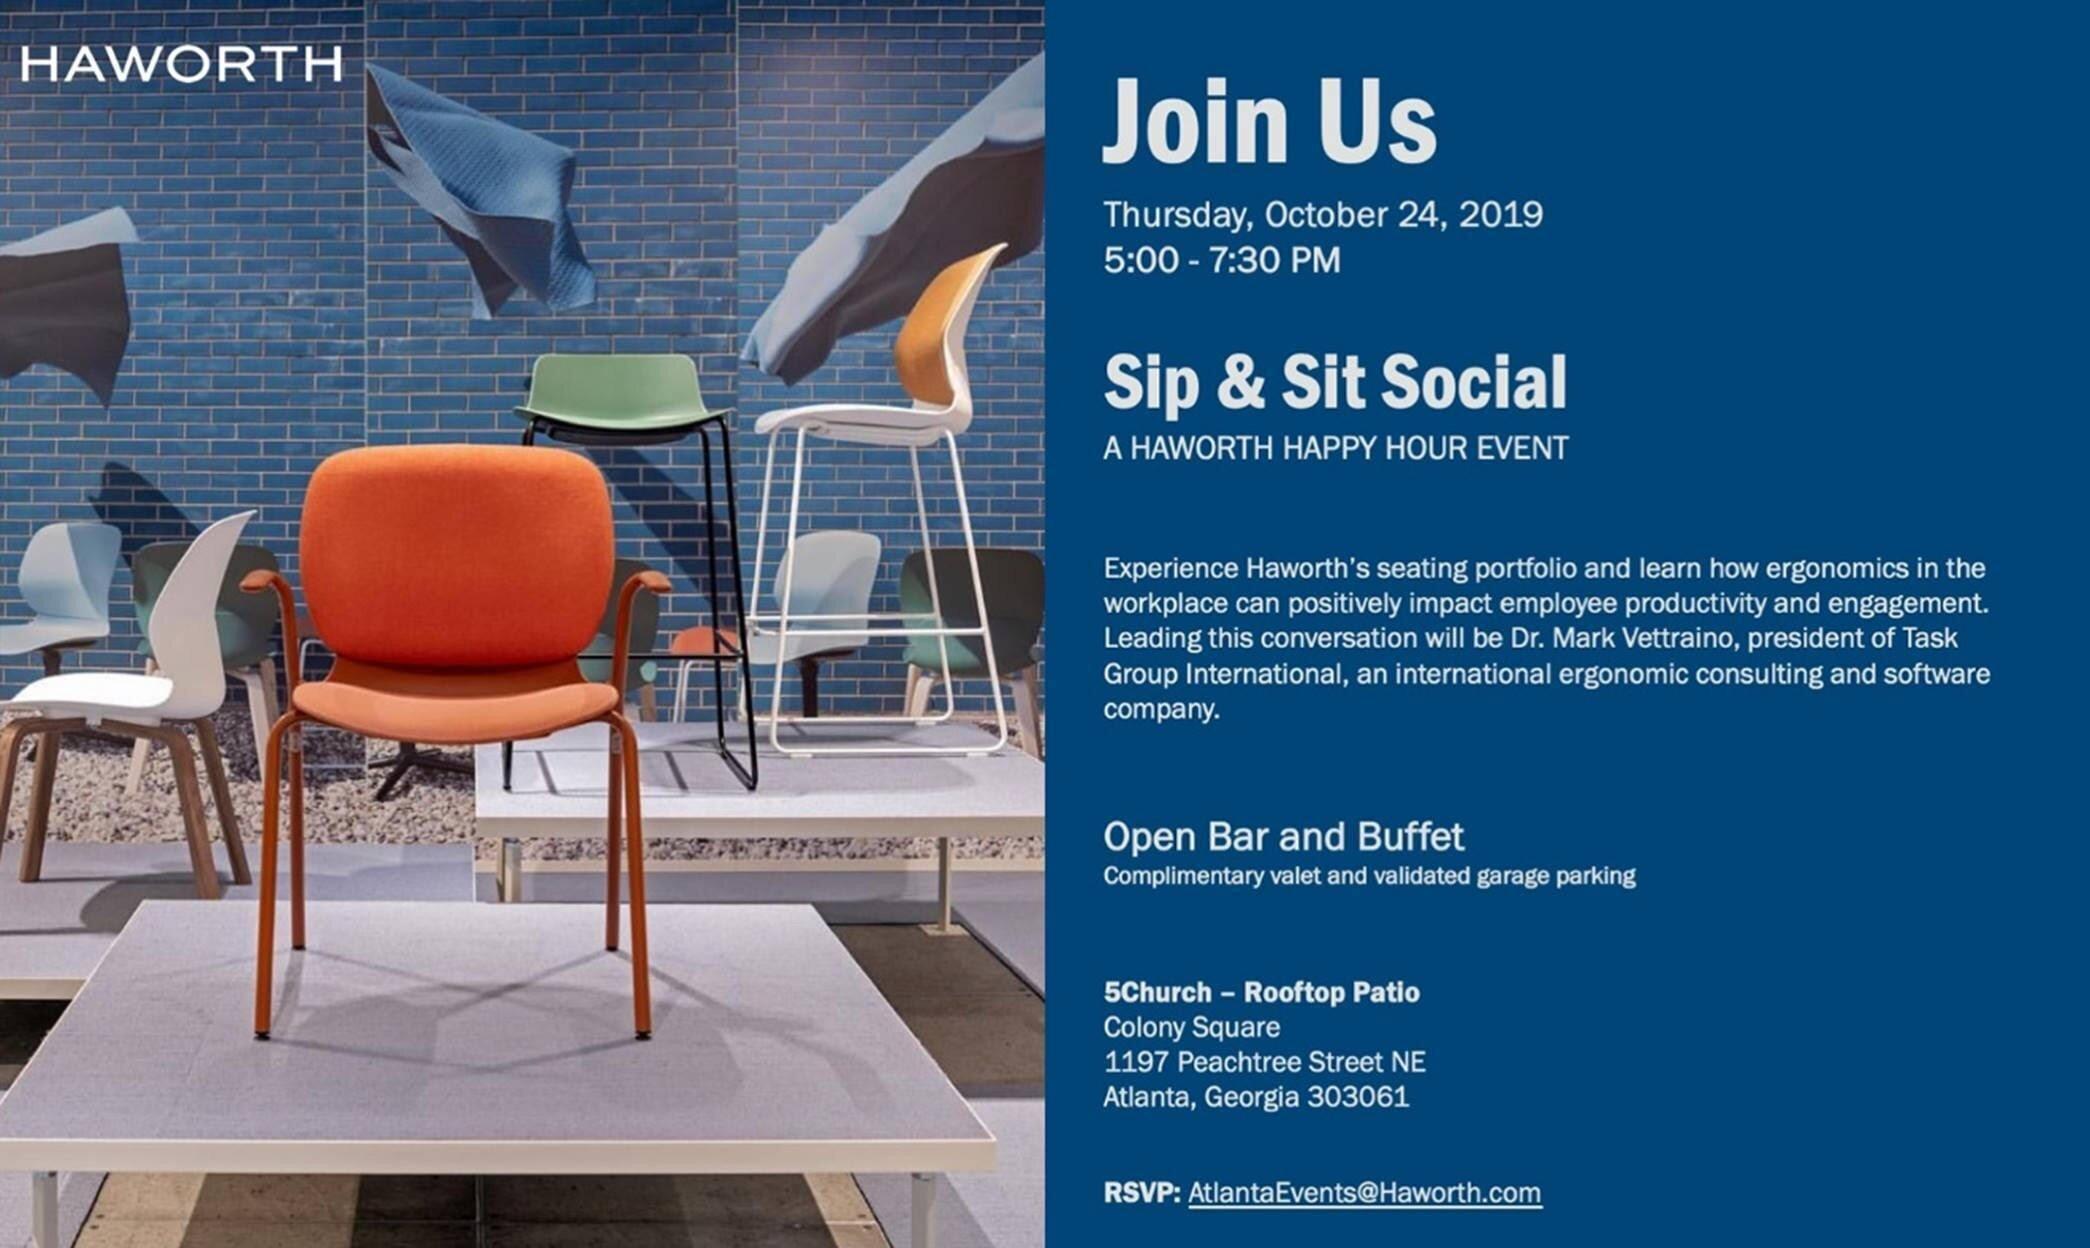 sip&sit social.jpg